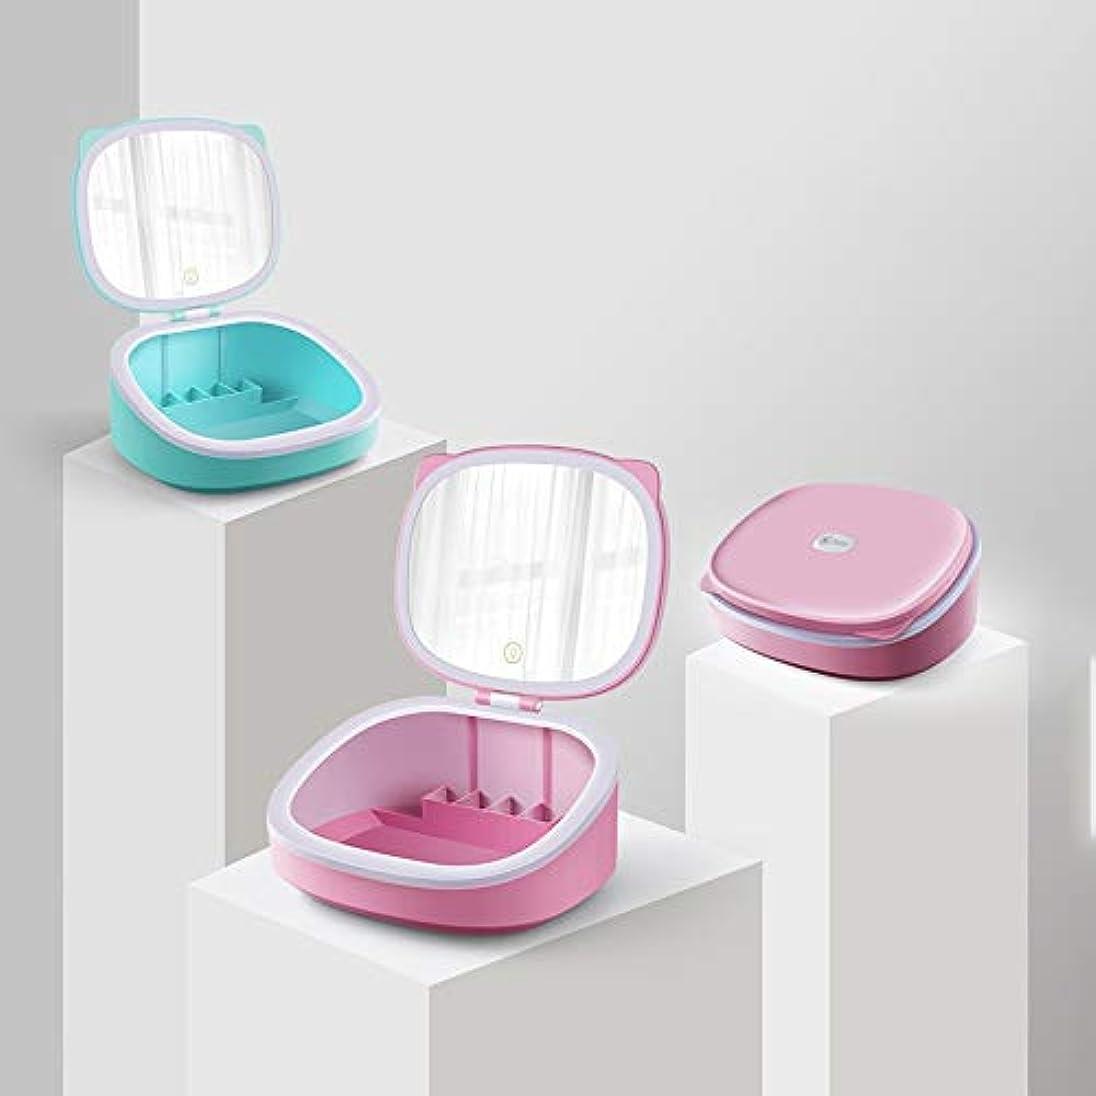 エキス食べる鼻流行の LEDライト化粧鏡収納猫美容鏡卓上鏡多機能光ABSピンクブルーを調整することができます (色 : Pink)